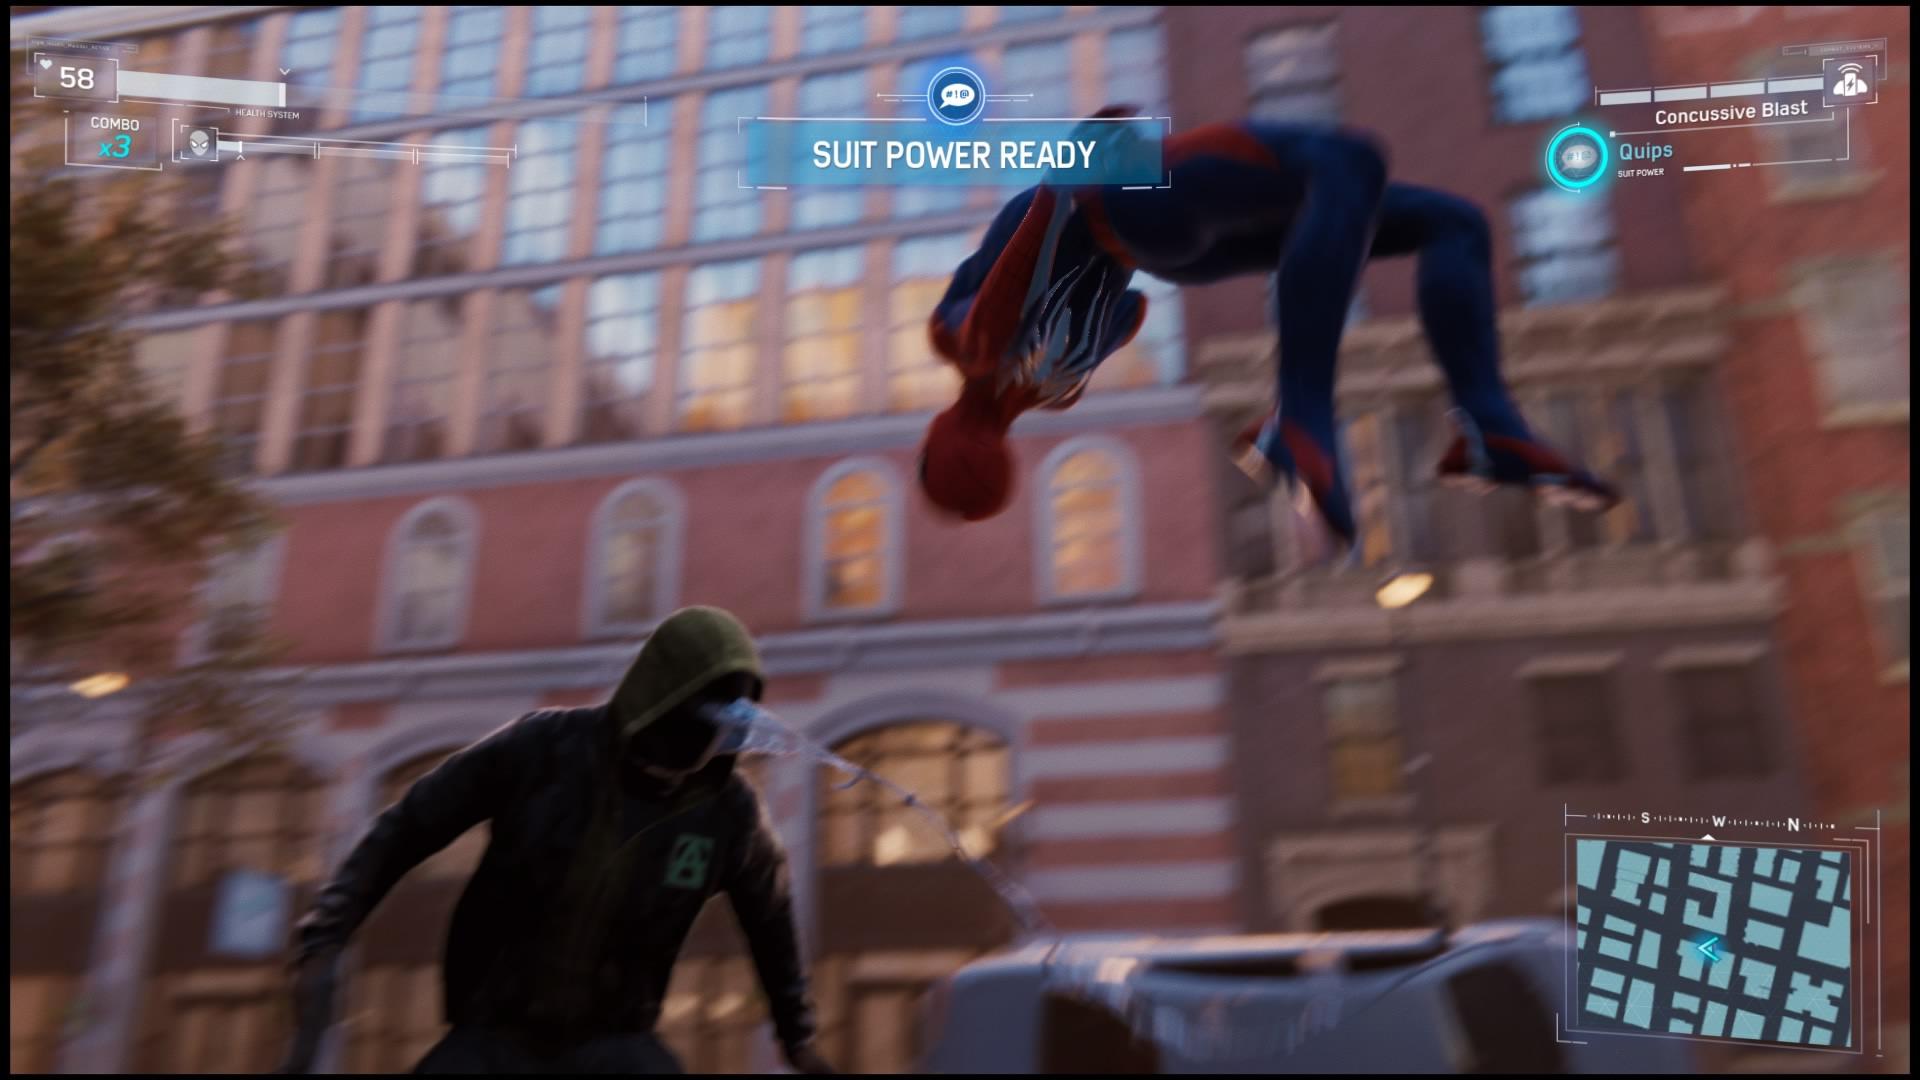 Marvel's Spider-Man focus